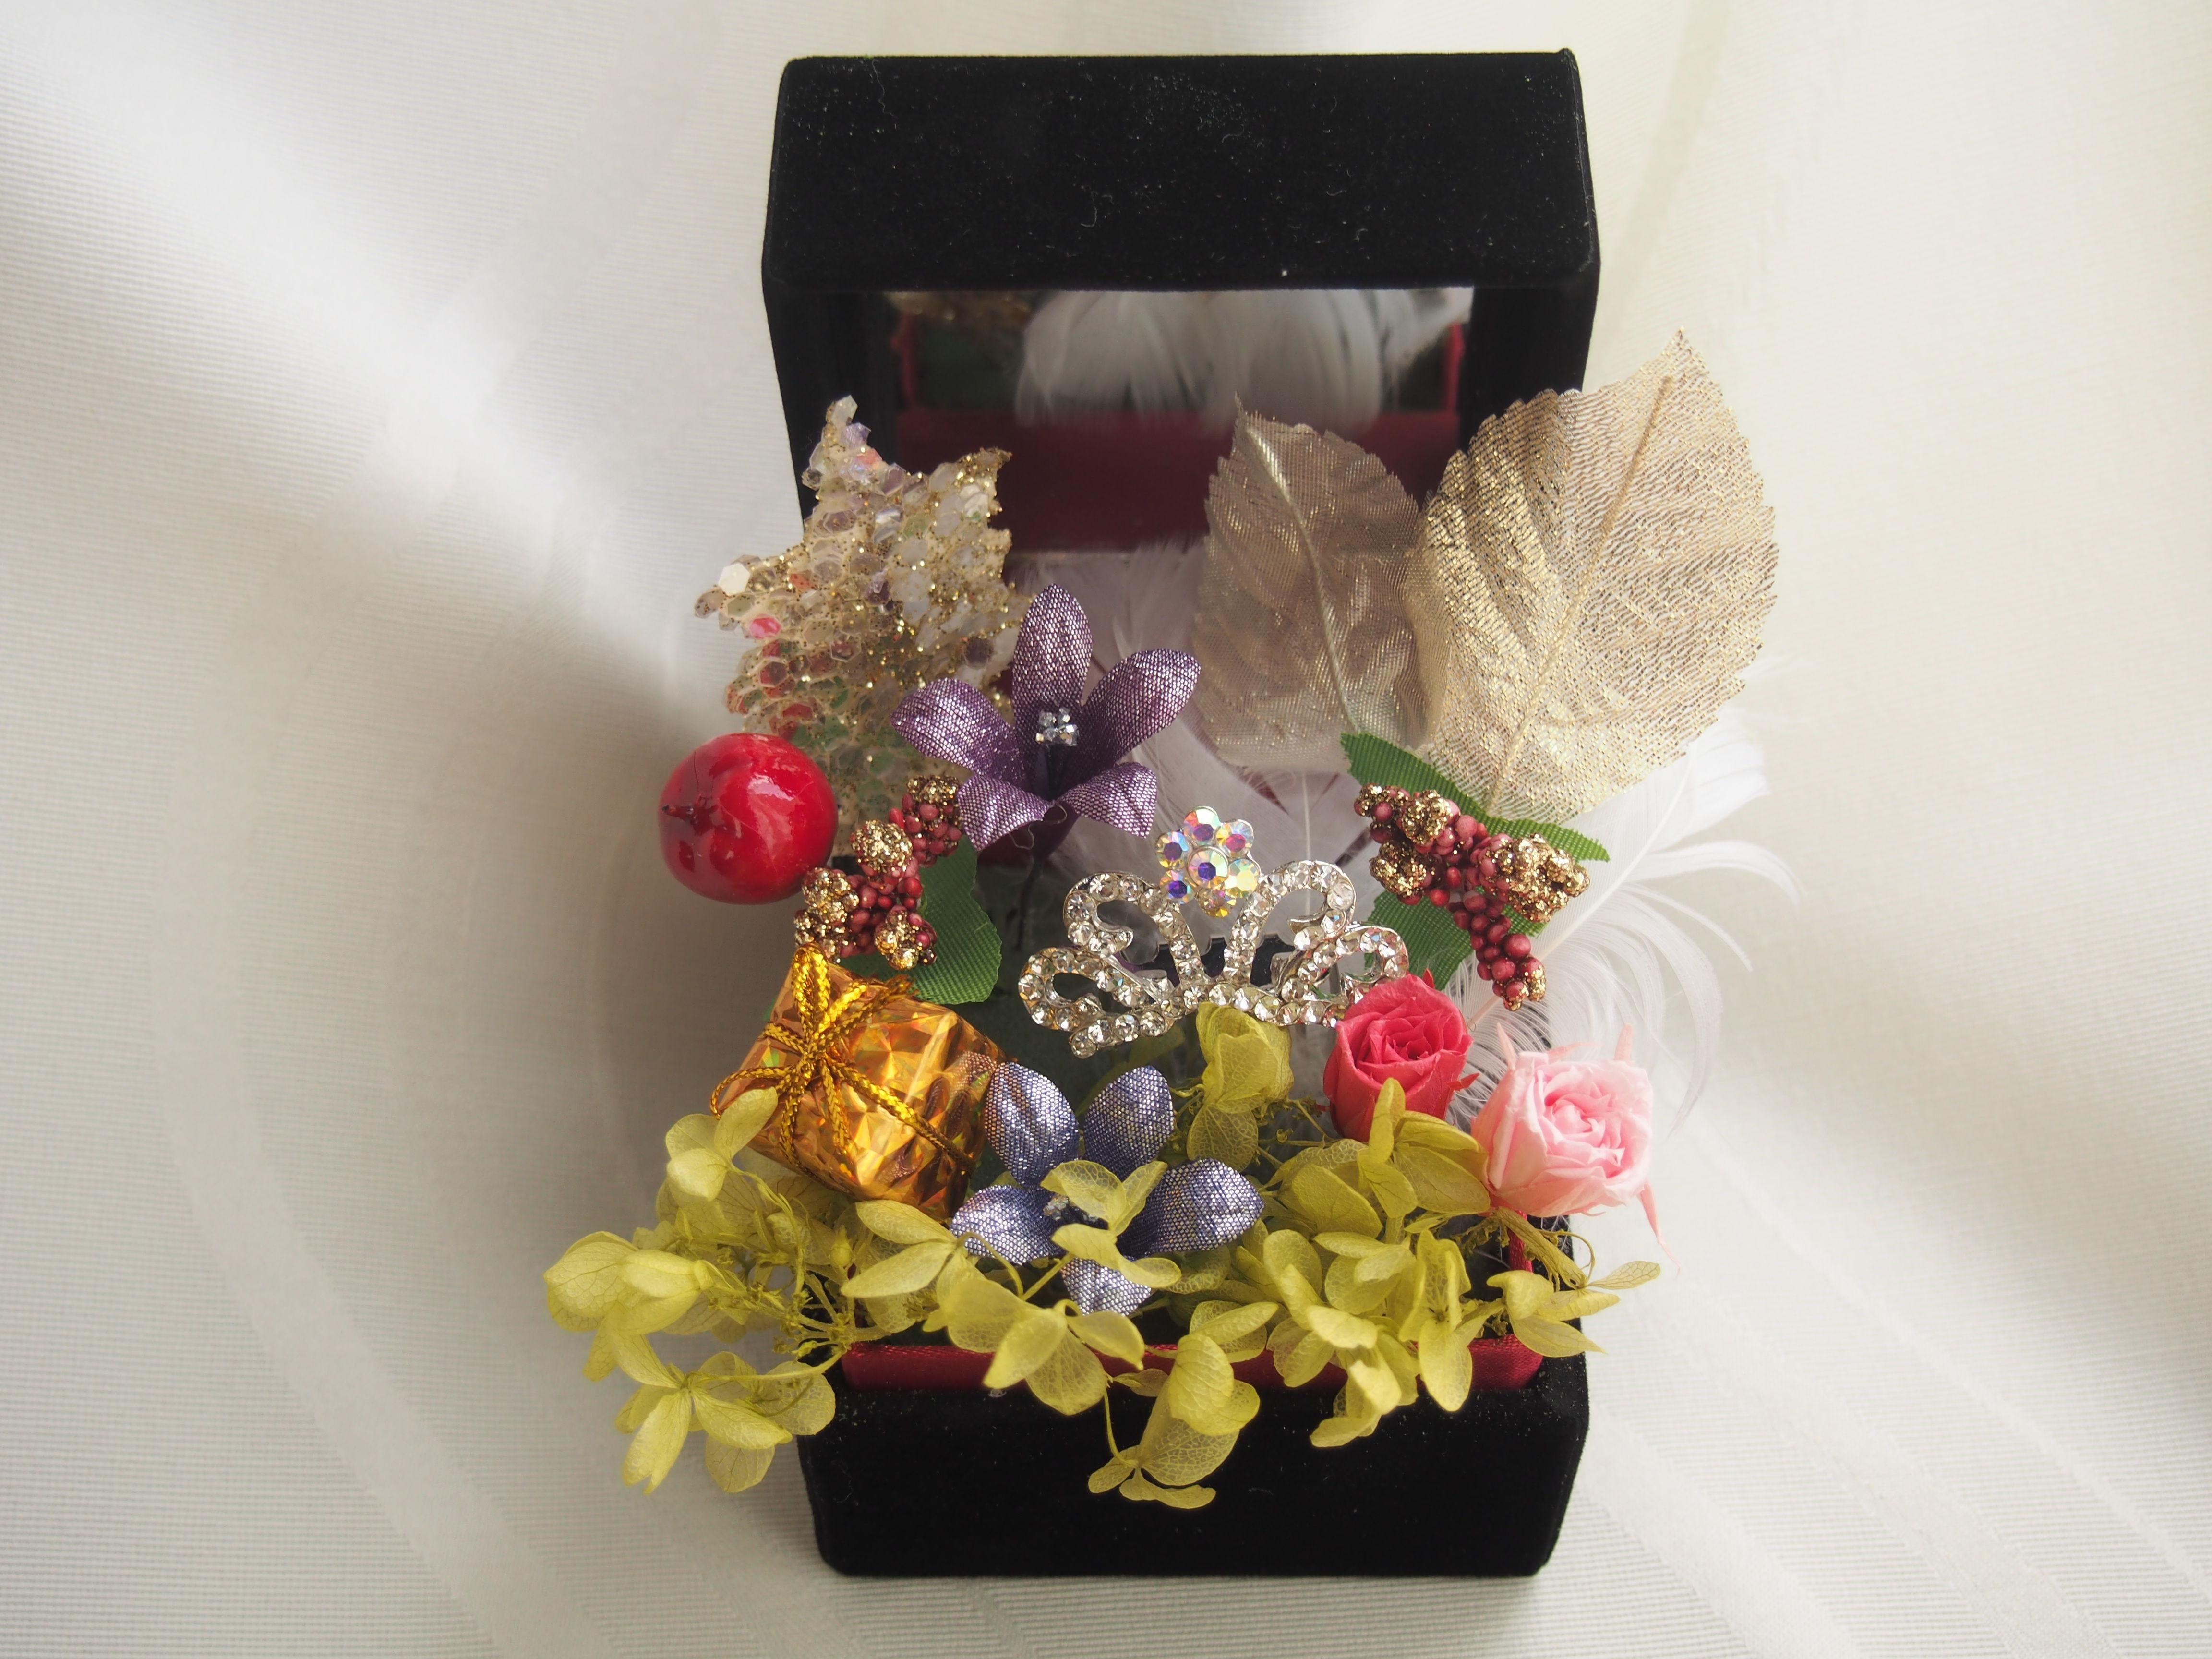 【Ray.anan掲載】ティアラの可愛いお花のアレンジメント ブラックジュエリーボックス 迅速誠意対応